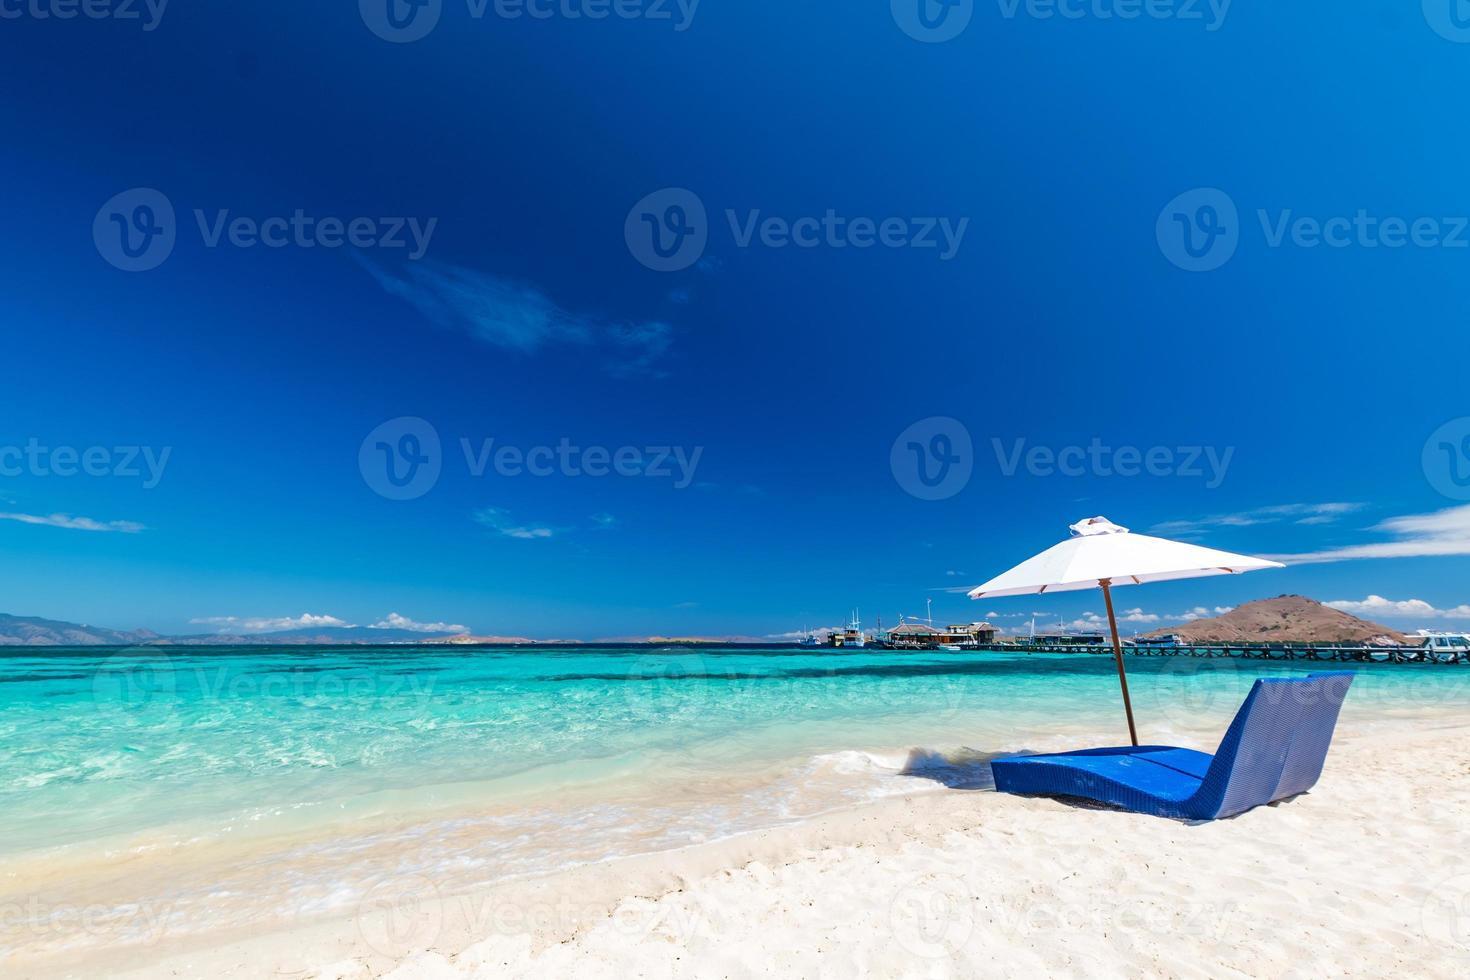 ligbedden met parasol op het zandstrand bij zee foto